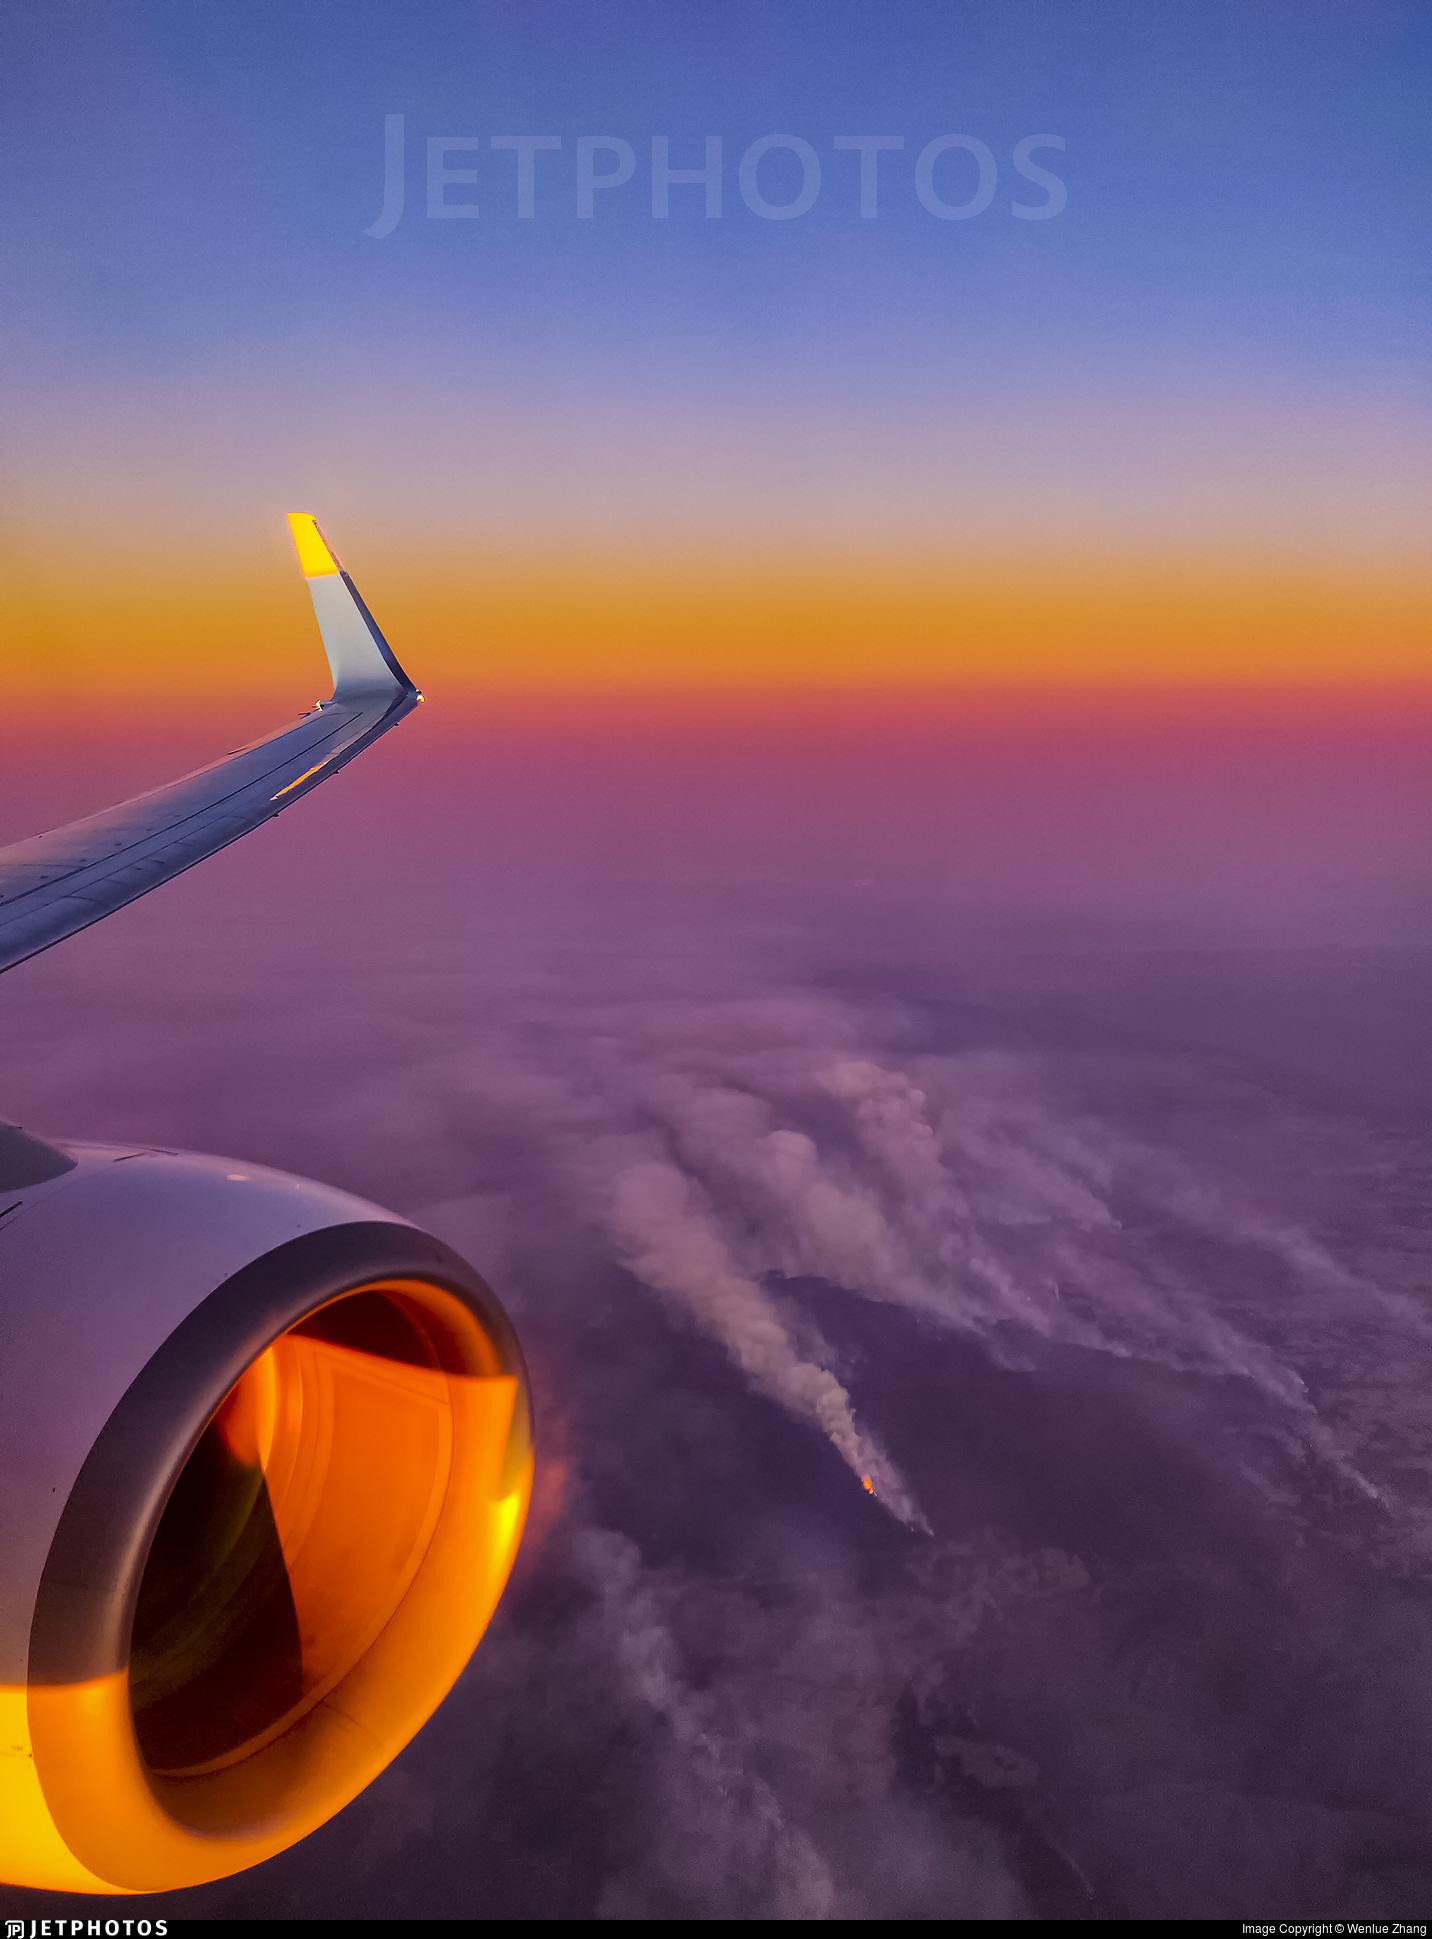 Qantas 737 over bushfires in Australia